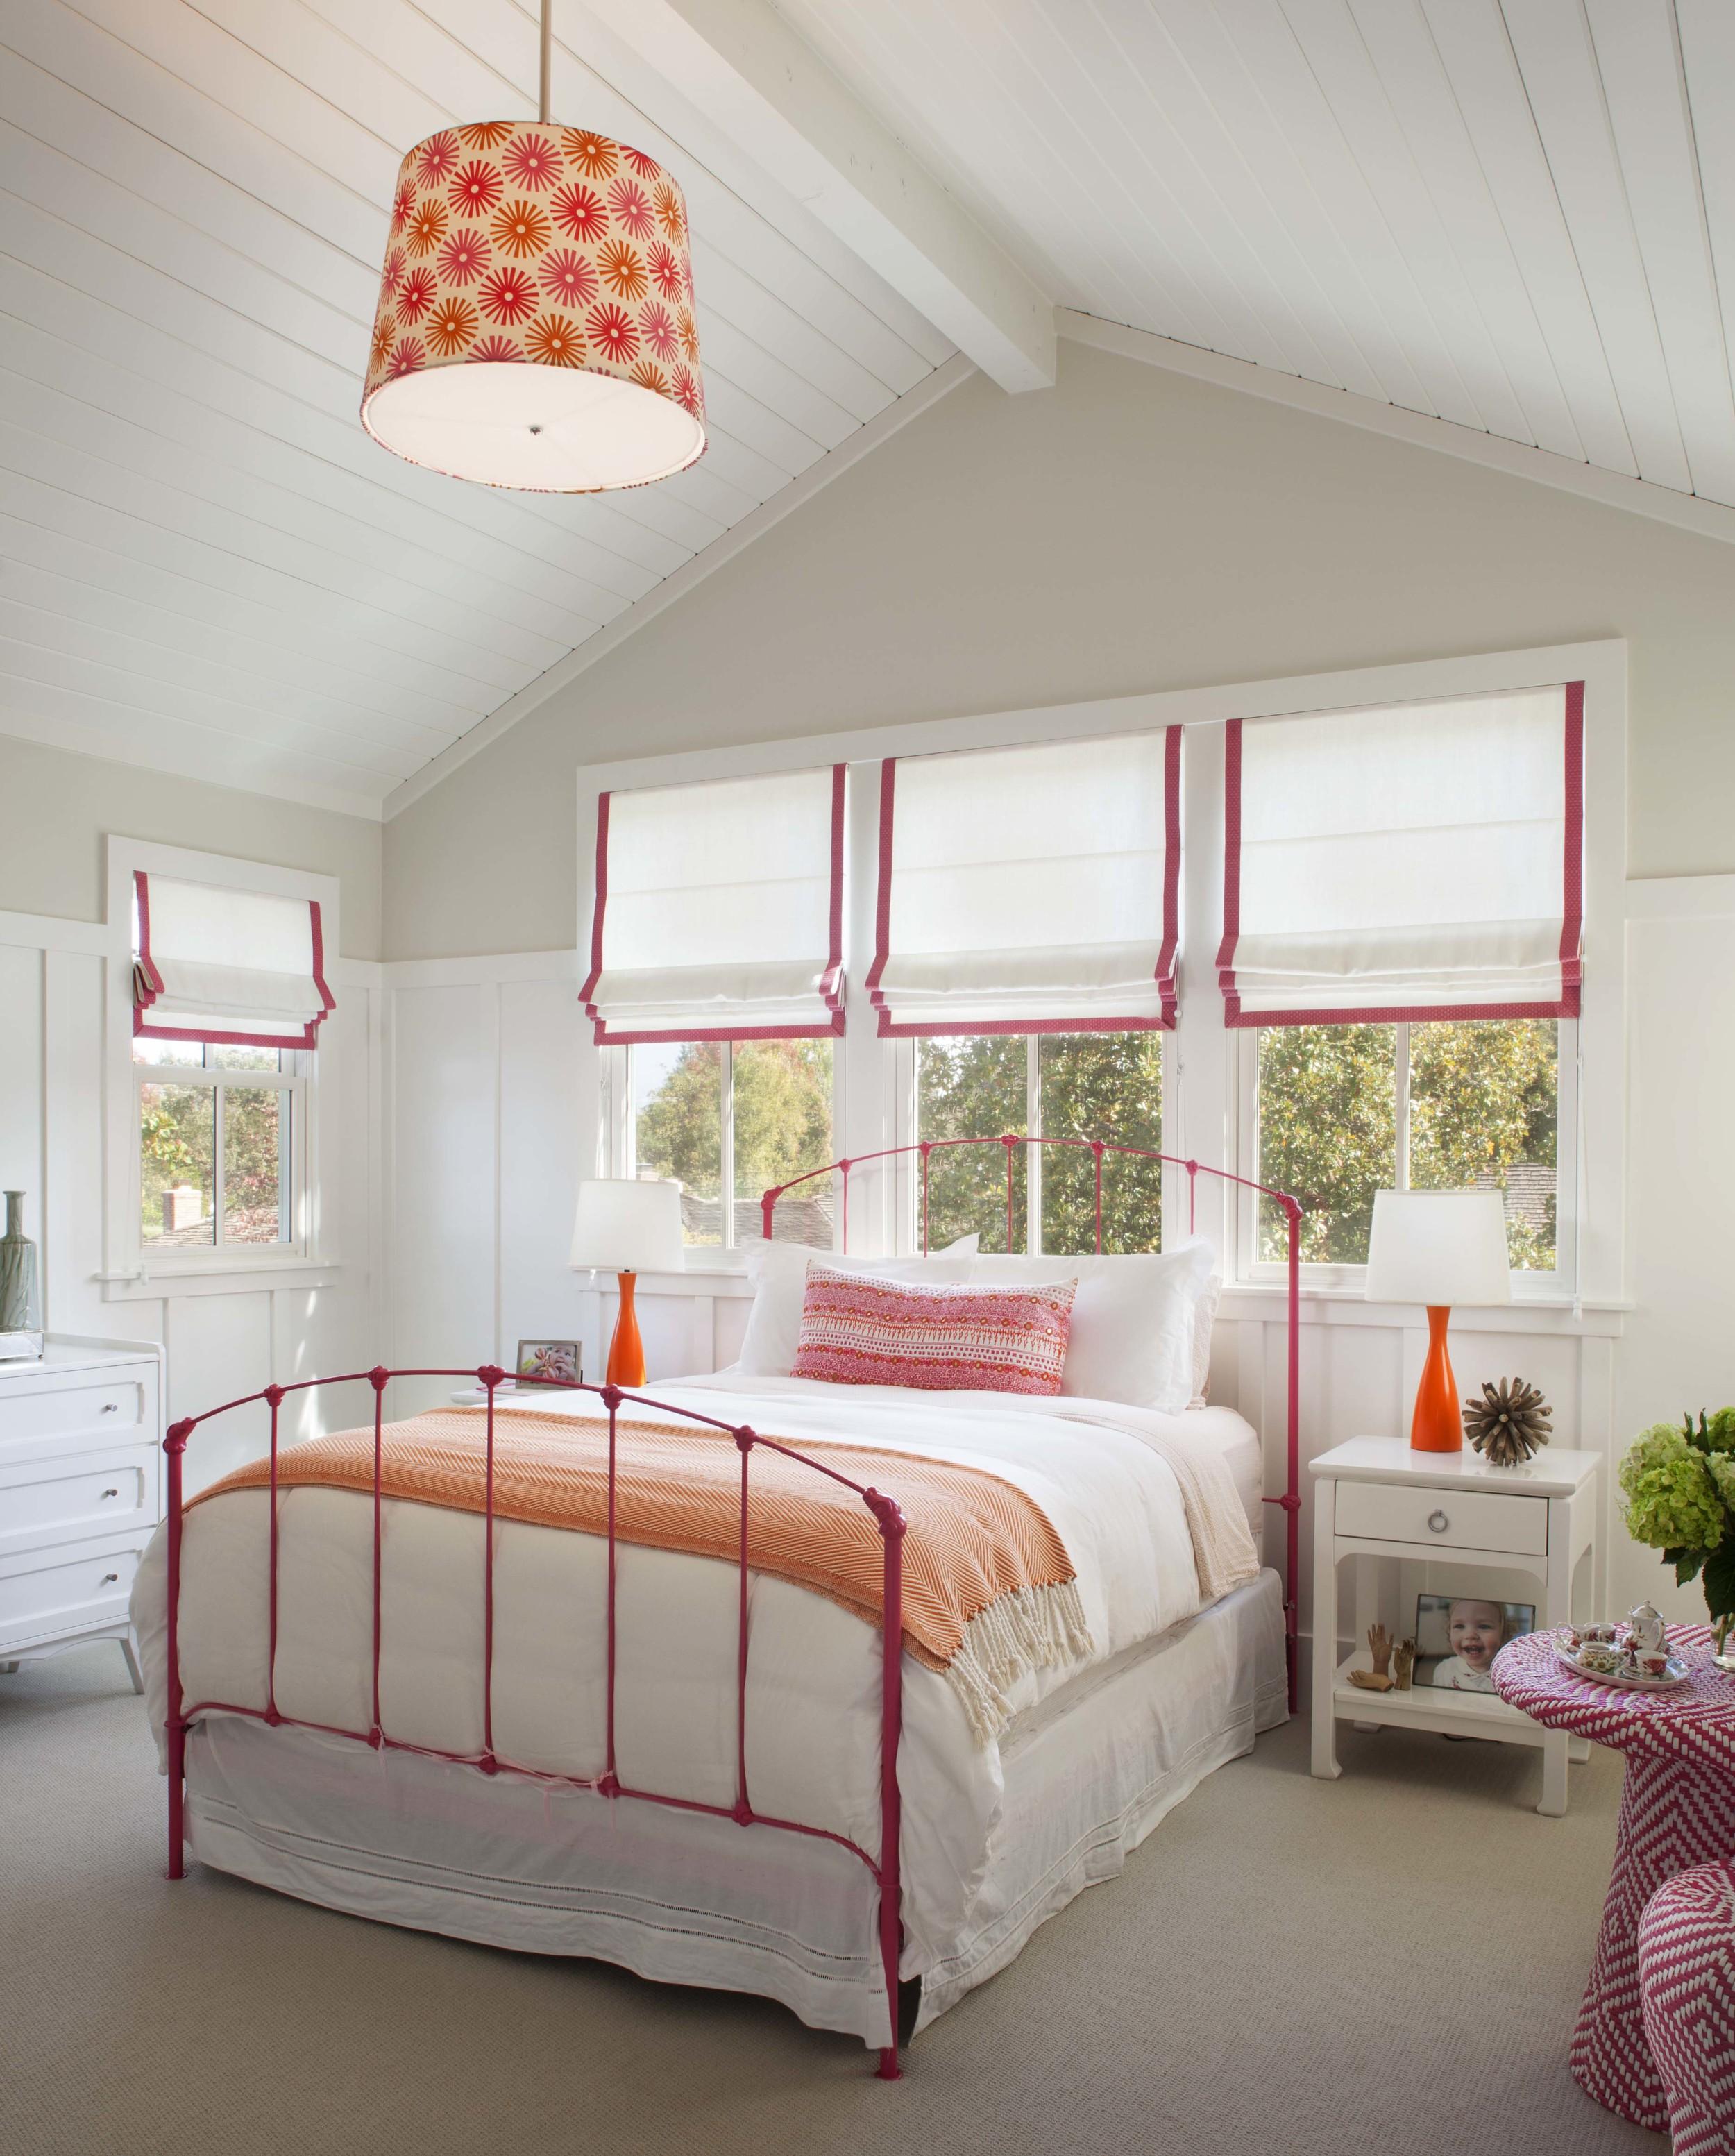 Modern Farmhouse: Girl's bedroom